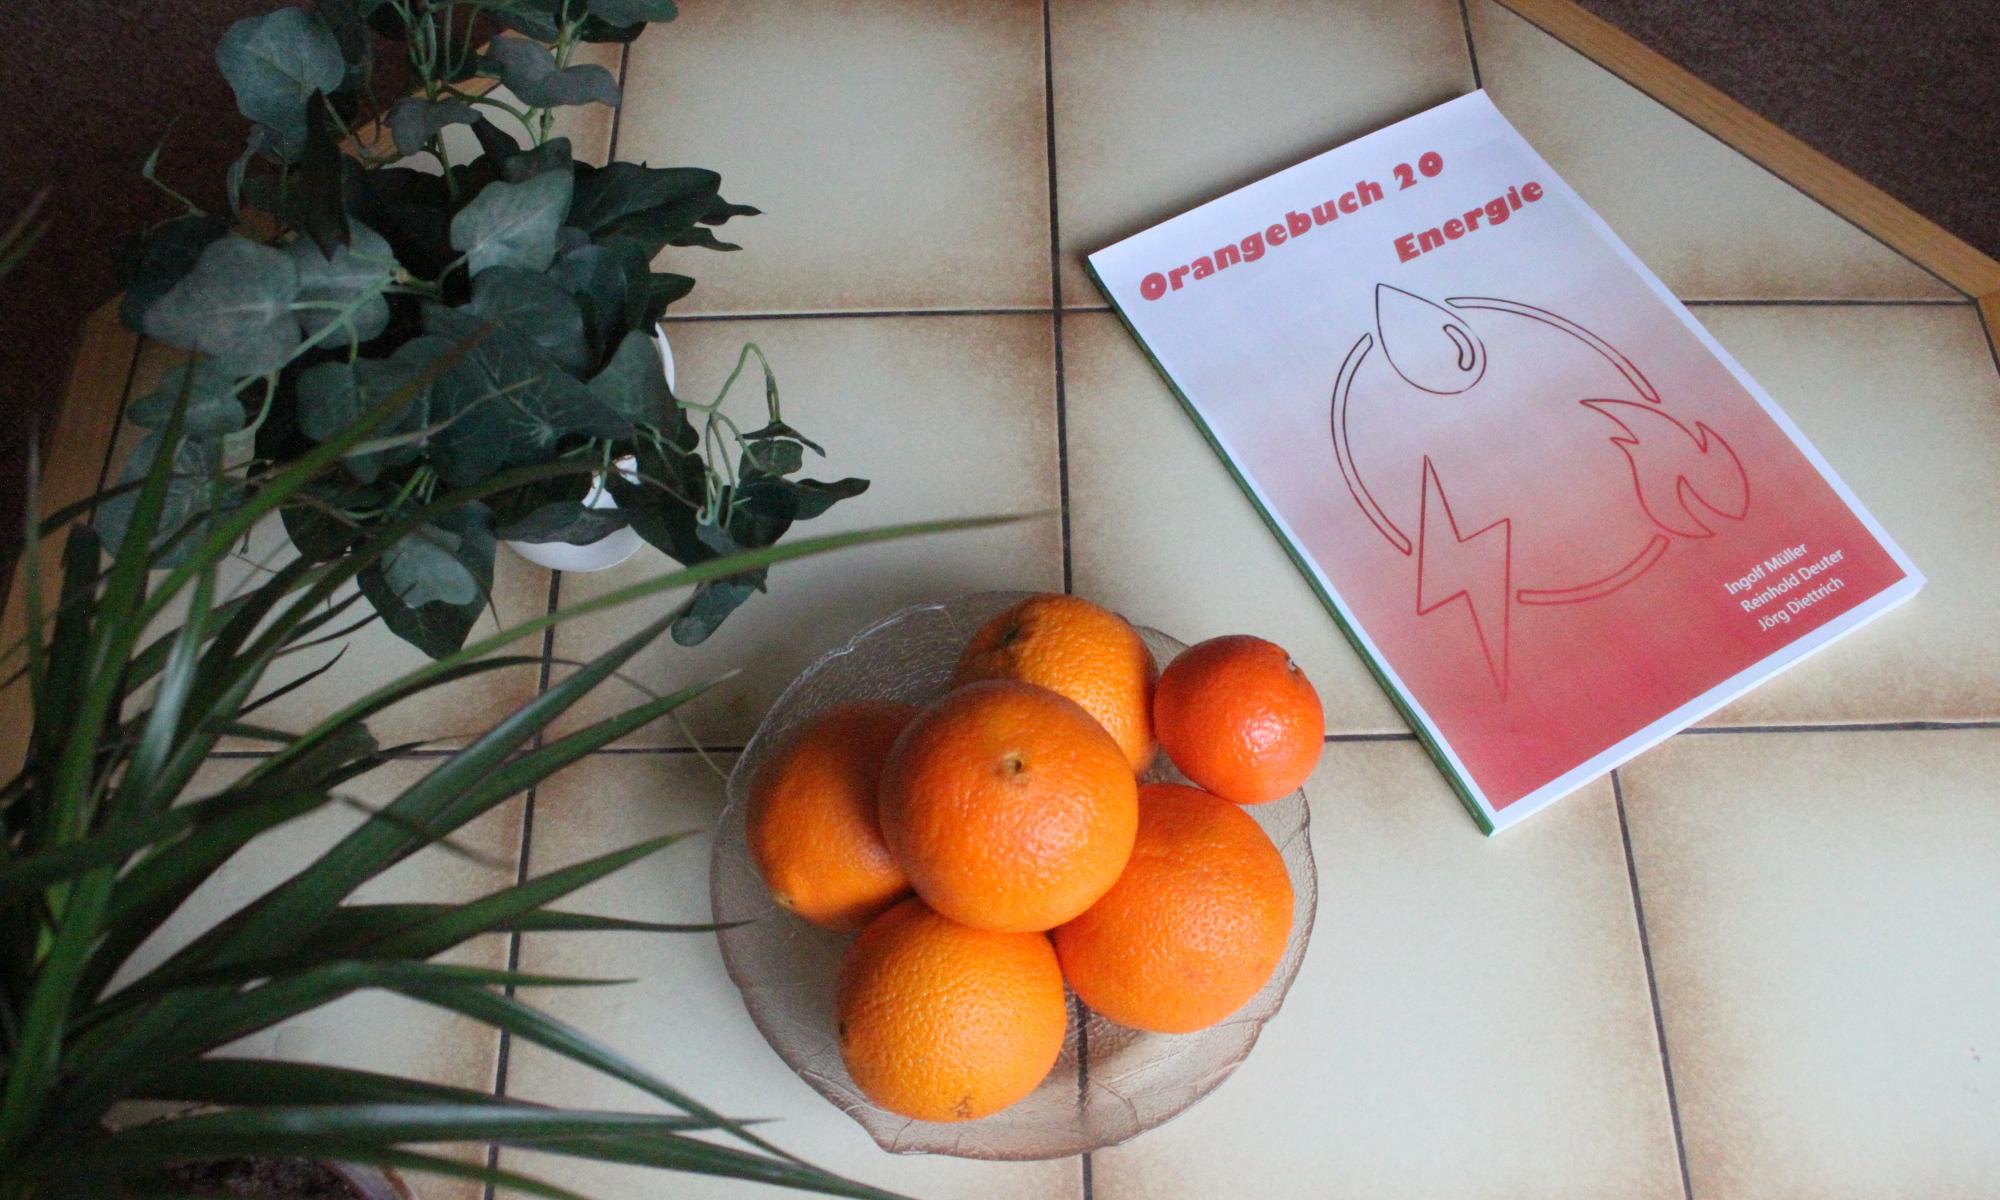 Orangebuch